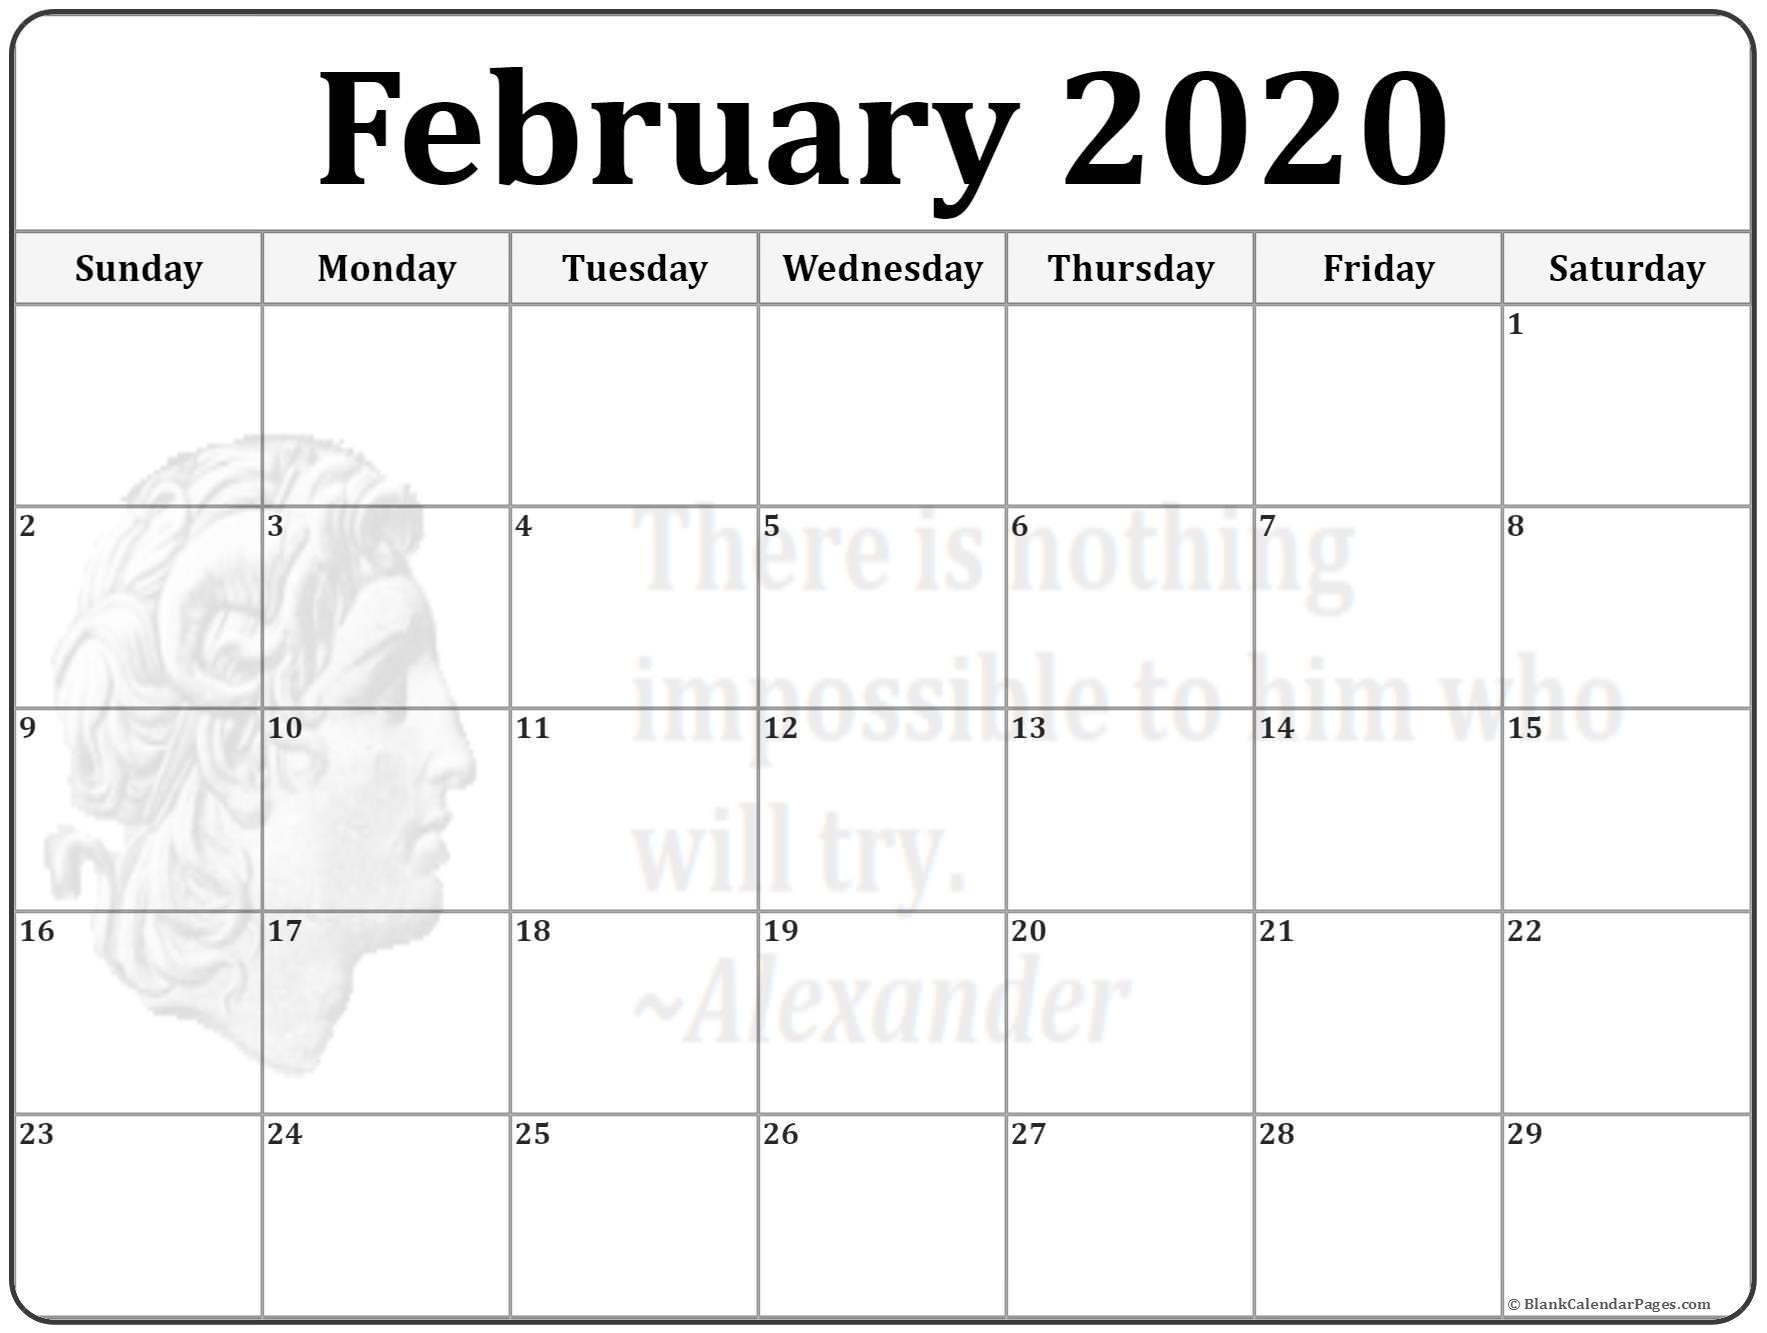 Free Printable Calendar Feb 2020 February 2020 Calendar